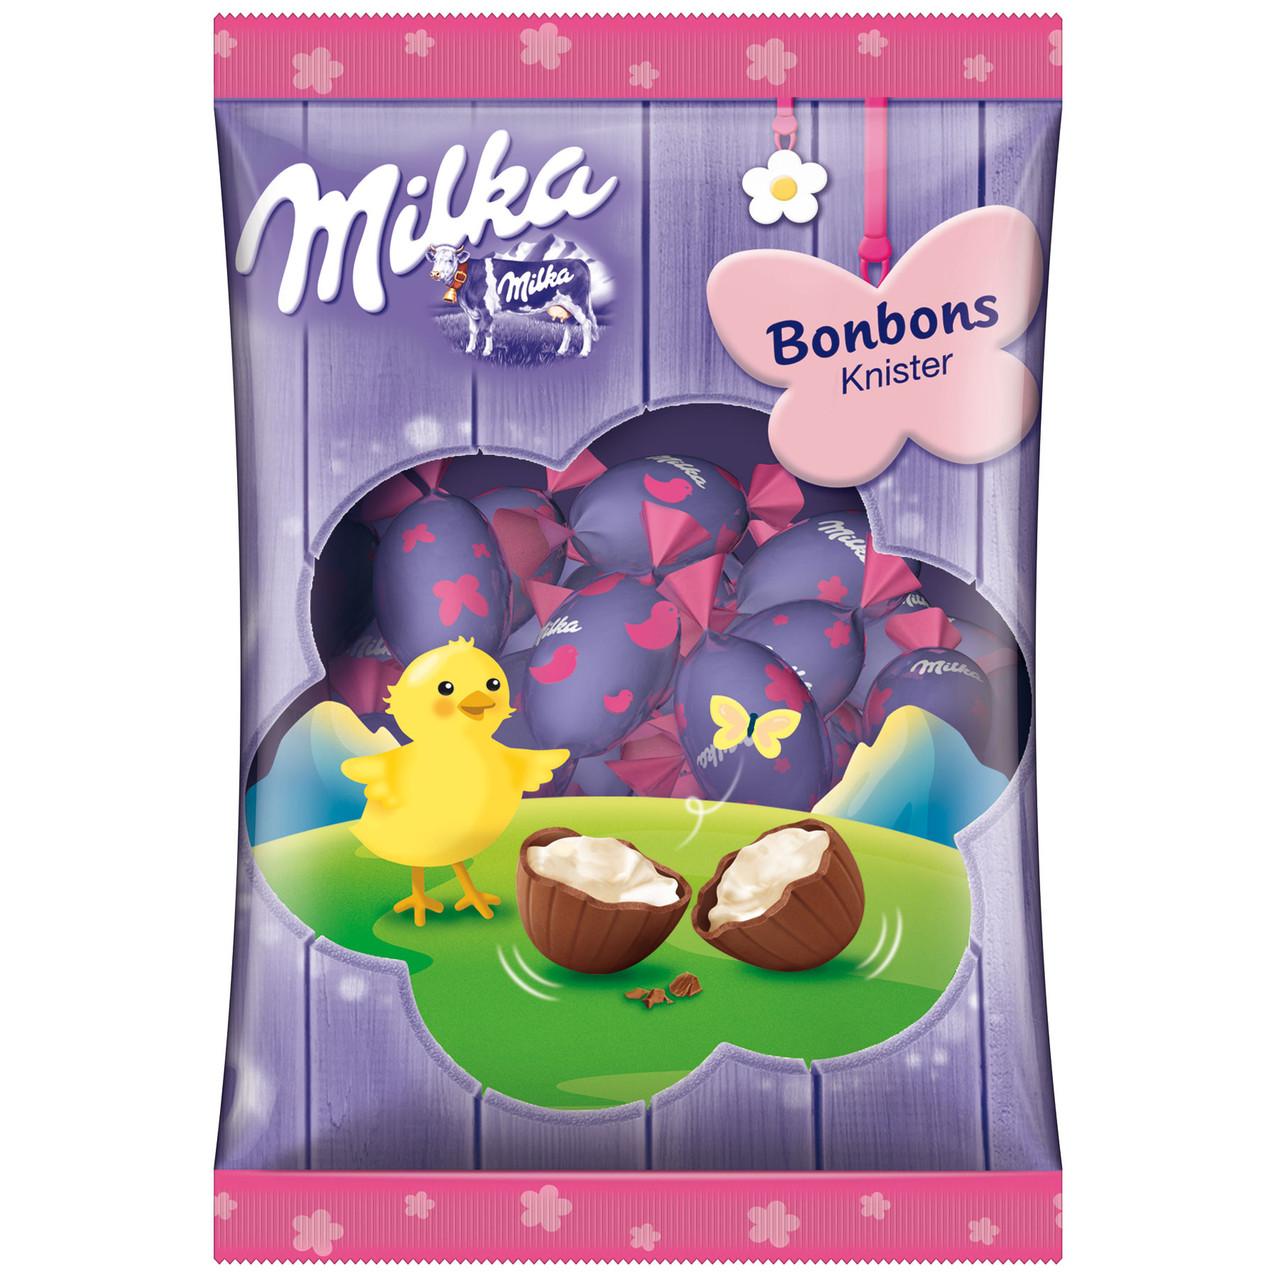 Шоколадные яички Milka «Bonboss Knister Ostern» (С молочным кремом и шипучими гранулами), 86 г.